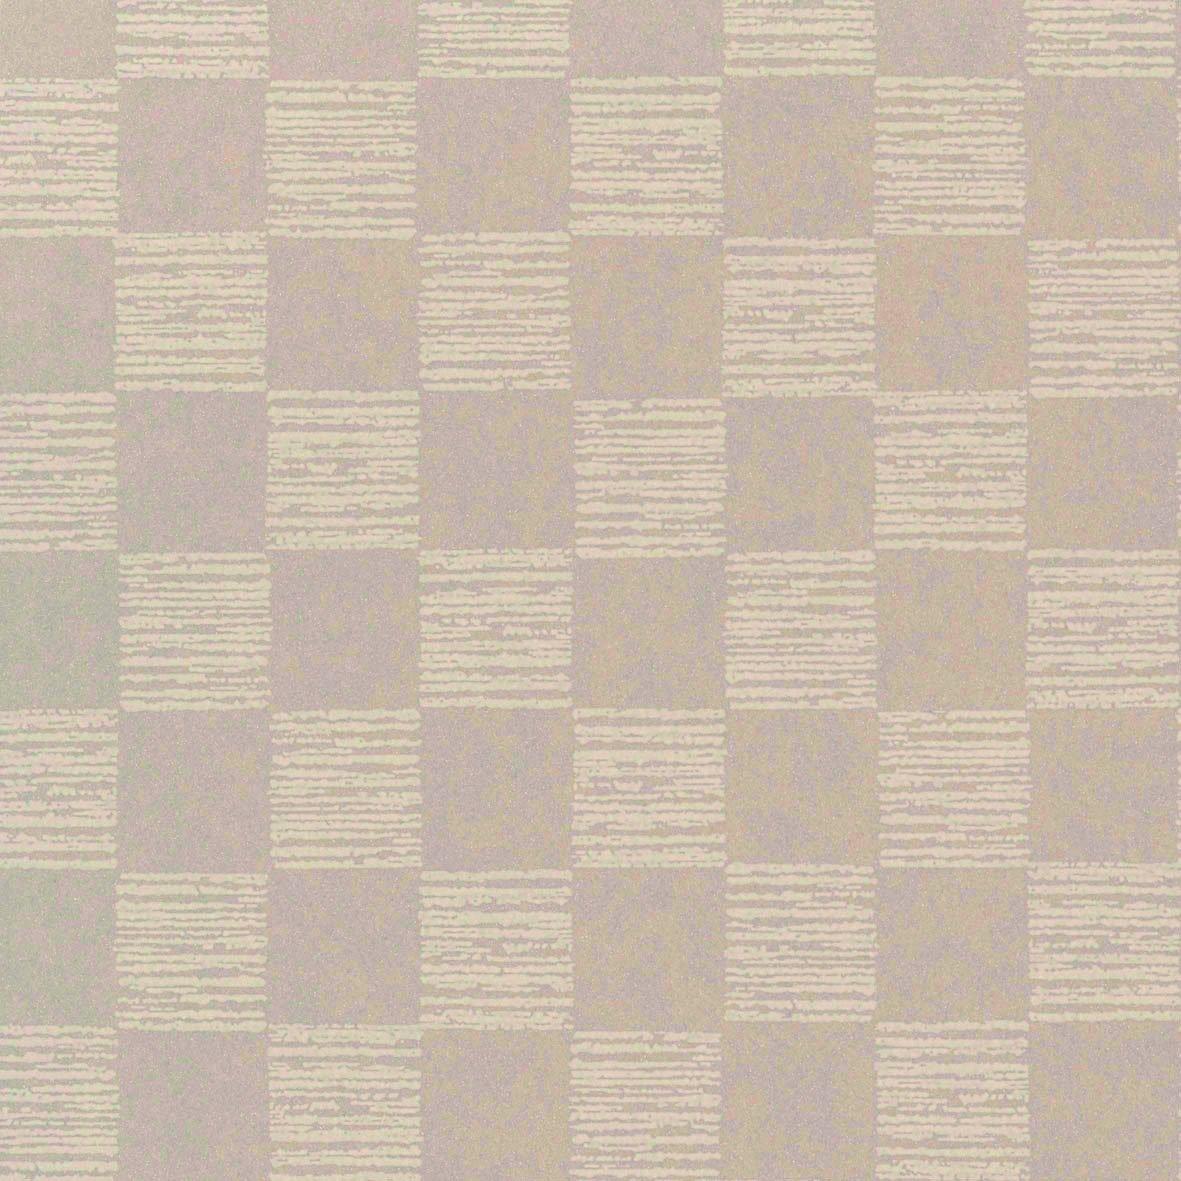 リリカラ 壁紙24m 和 幾何学 ベージュ LL-8308 B01N3SS3X6 24m|ベージュ